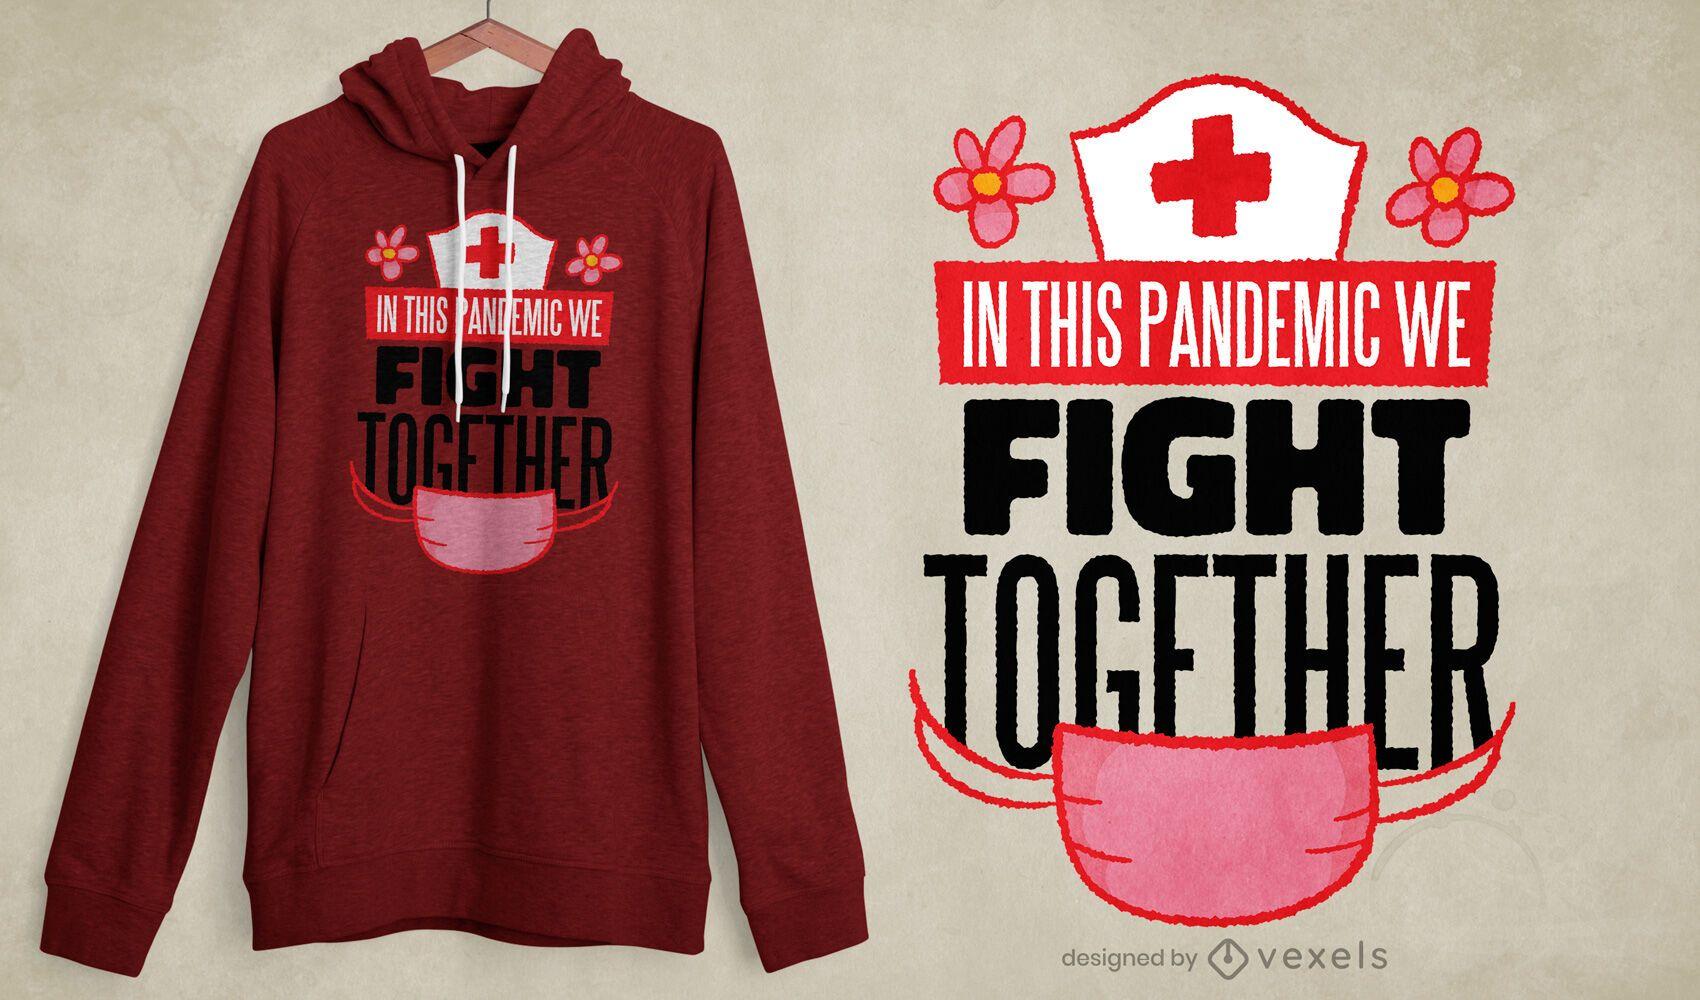 Fight together t-shirt design